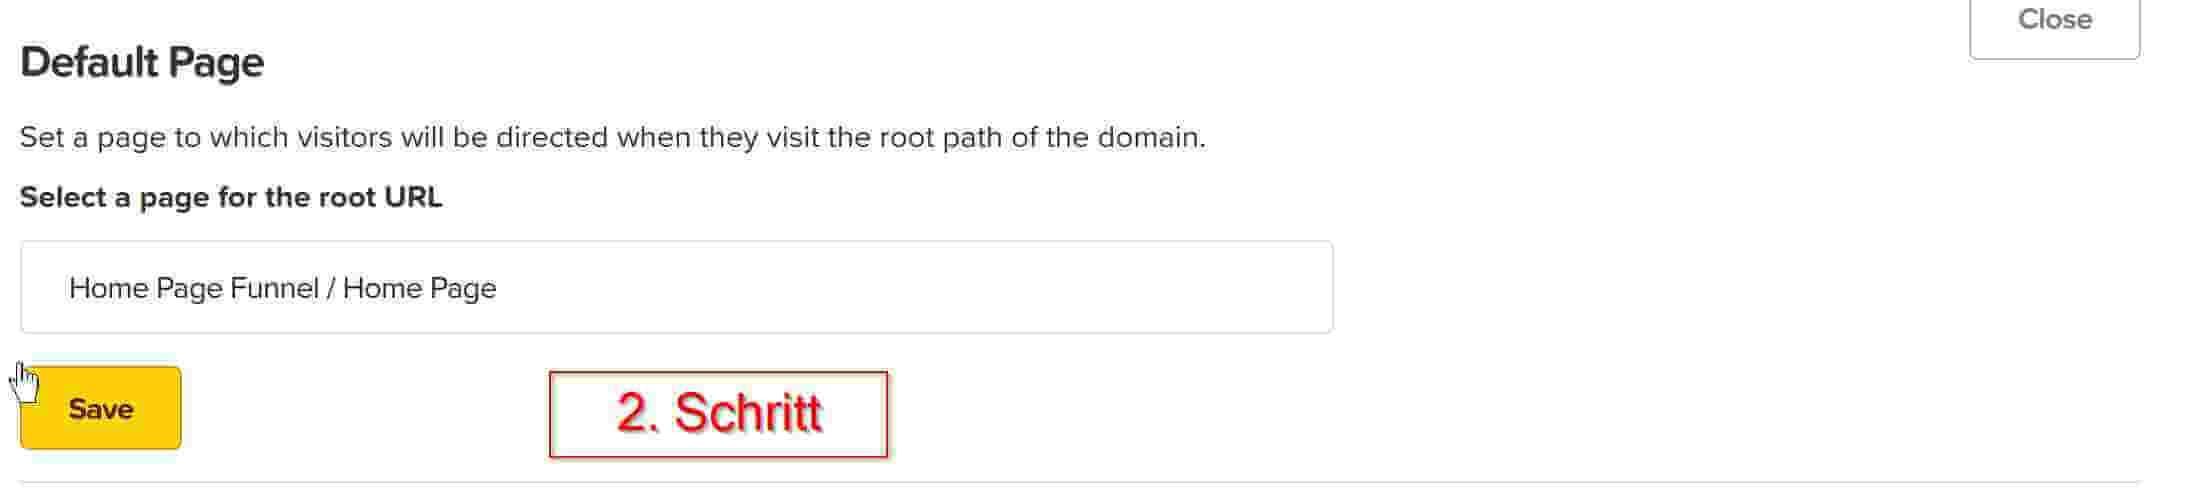 2 Schritt Domain weiterleiten clickfunnels